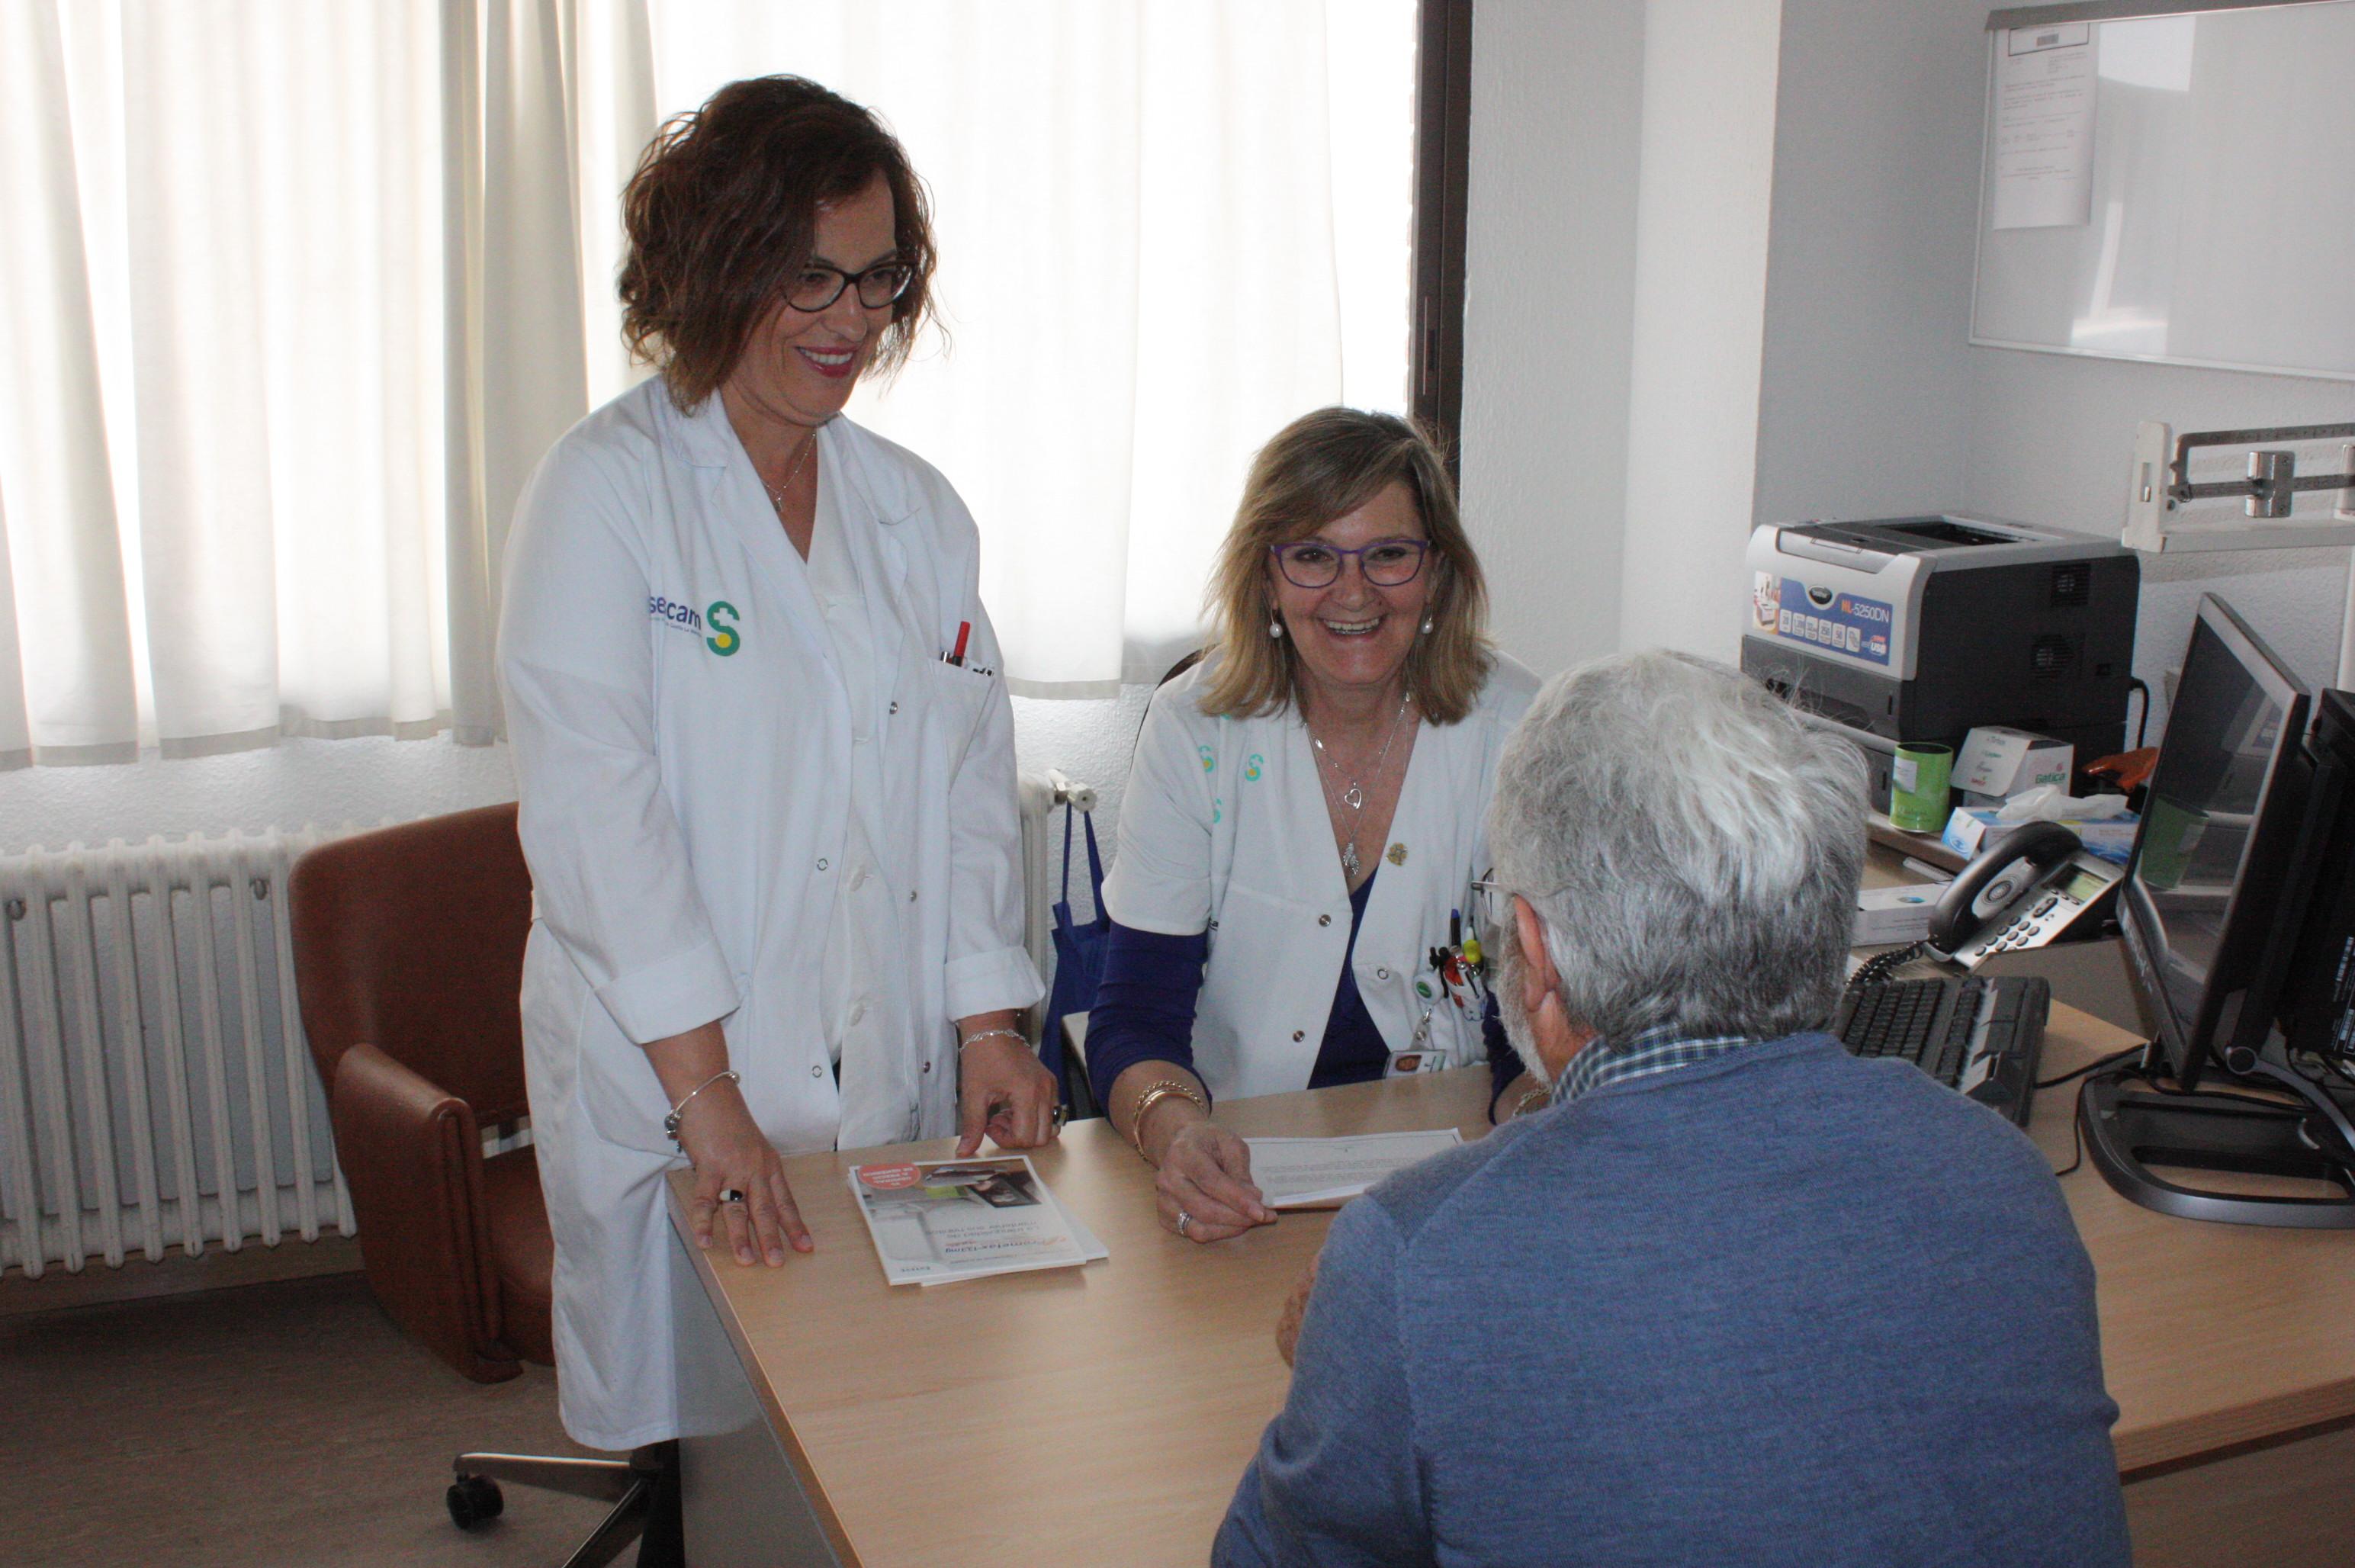 El servicio de enfermería 24 horas en residencias evita dos de cada tres derivaciones hospitalarias